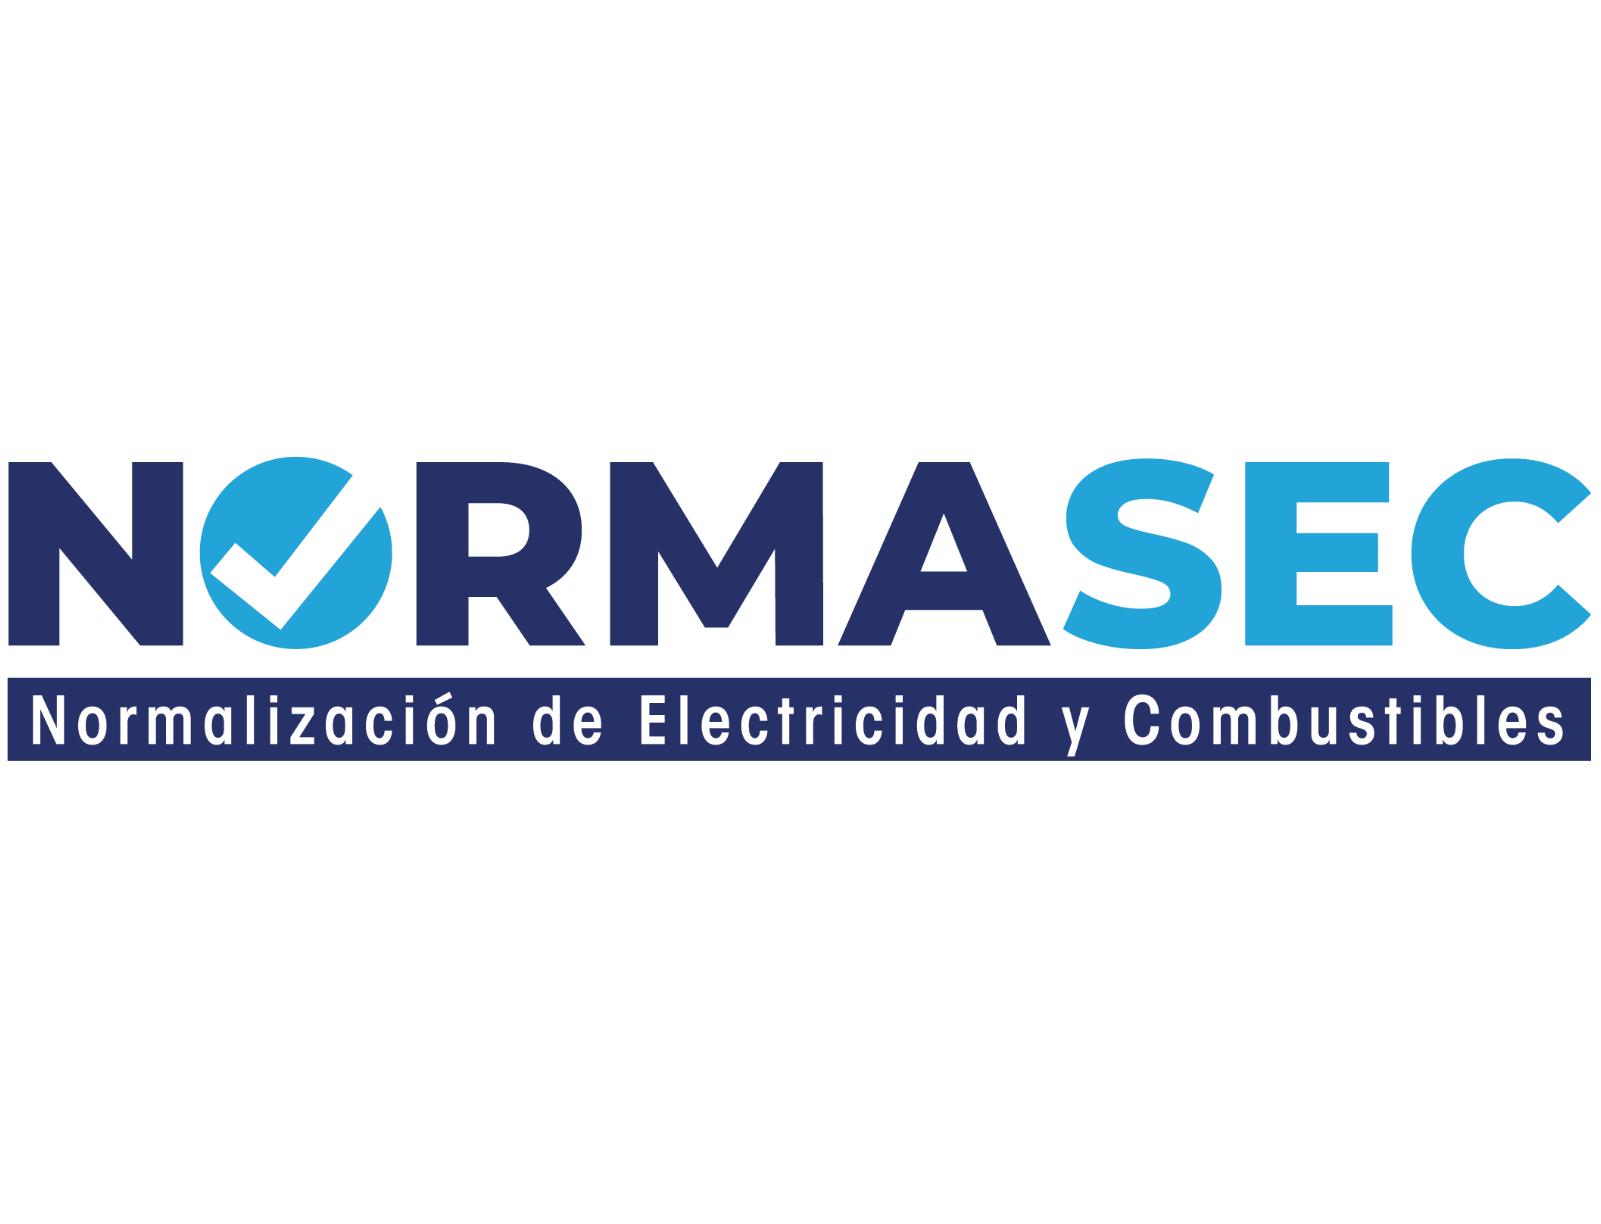 Logotipo Normasec (Rediseño)